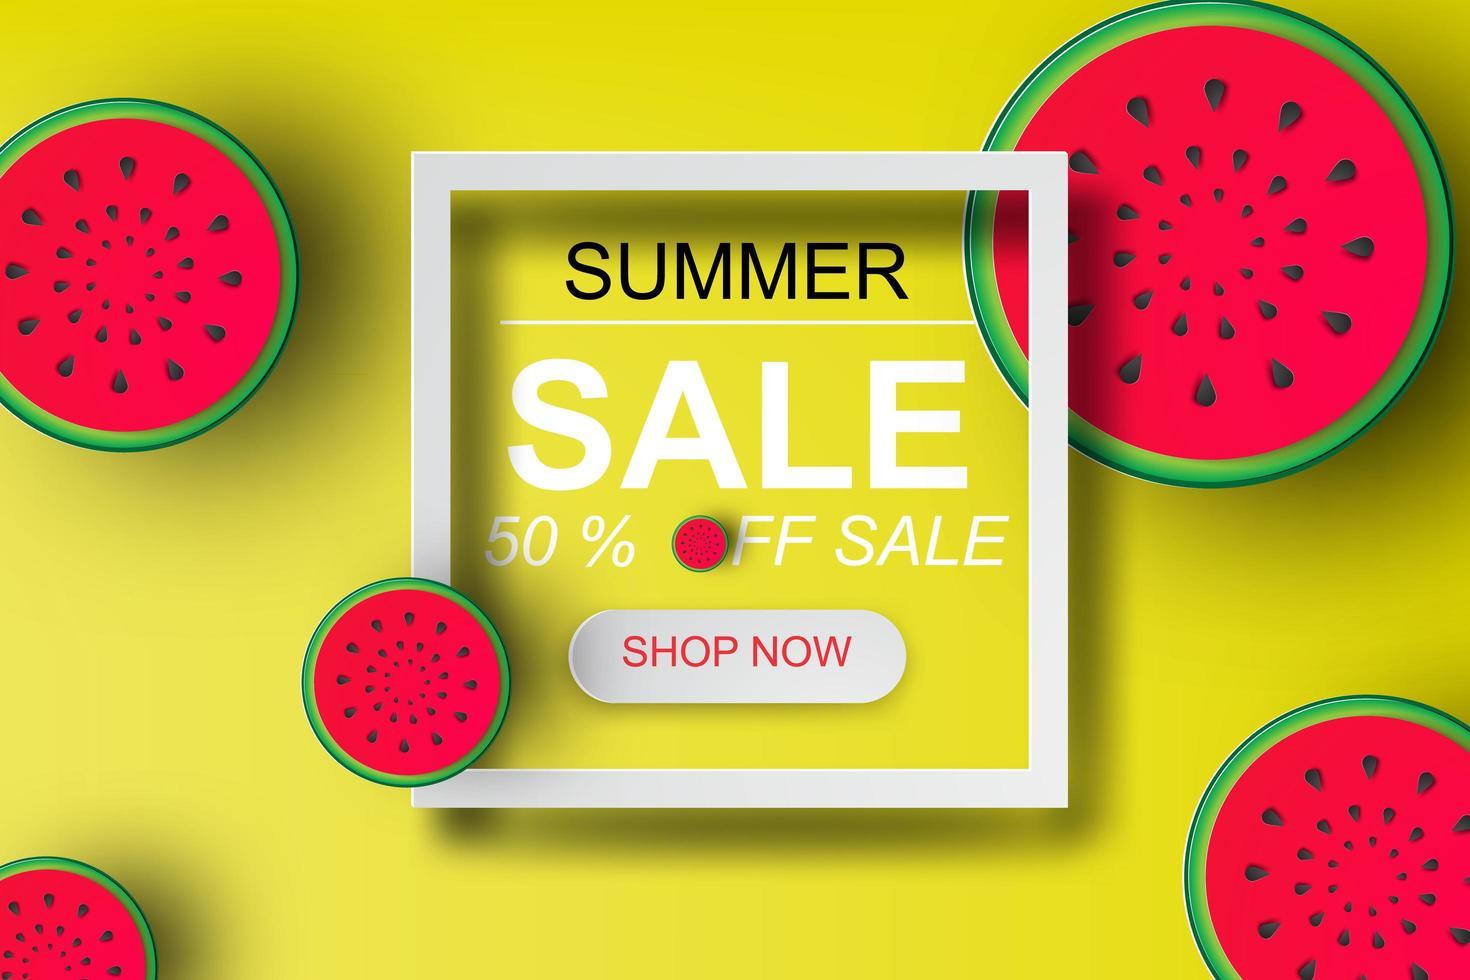 affiche de vente d'été art papier 3d avec pastèque vecteur